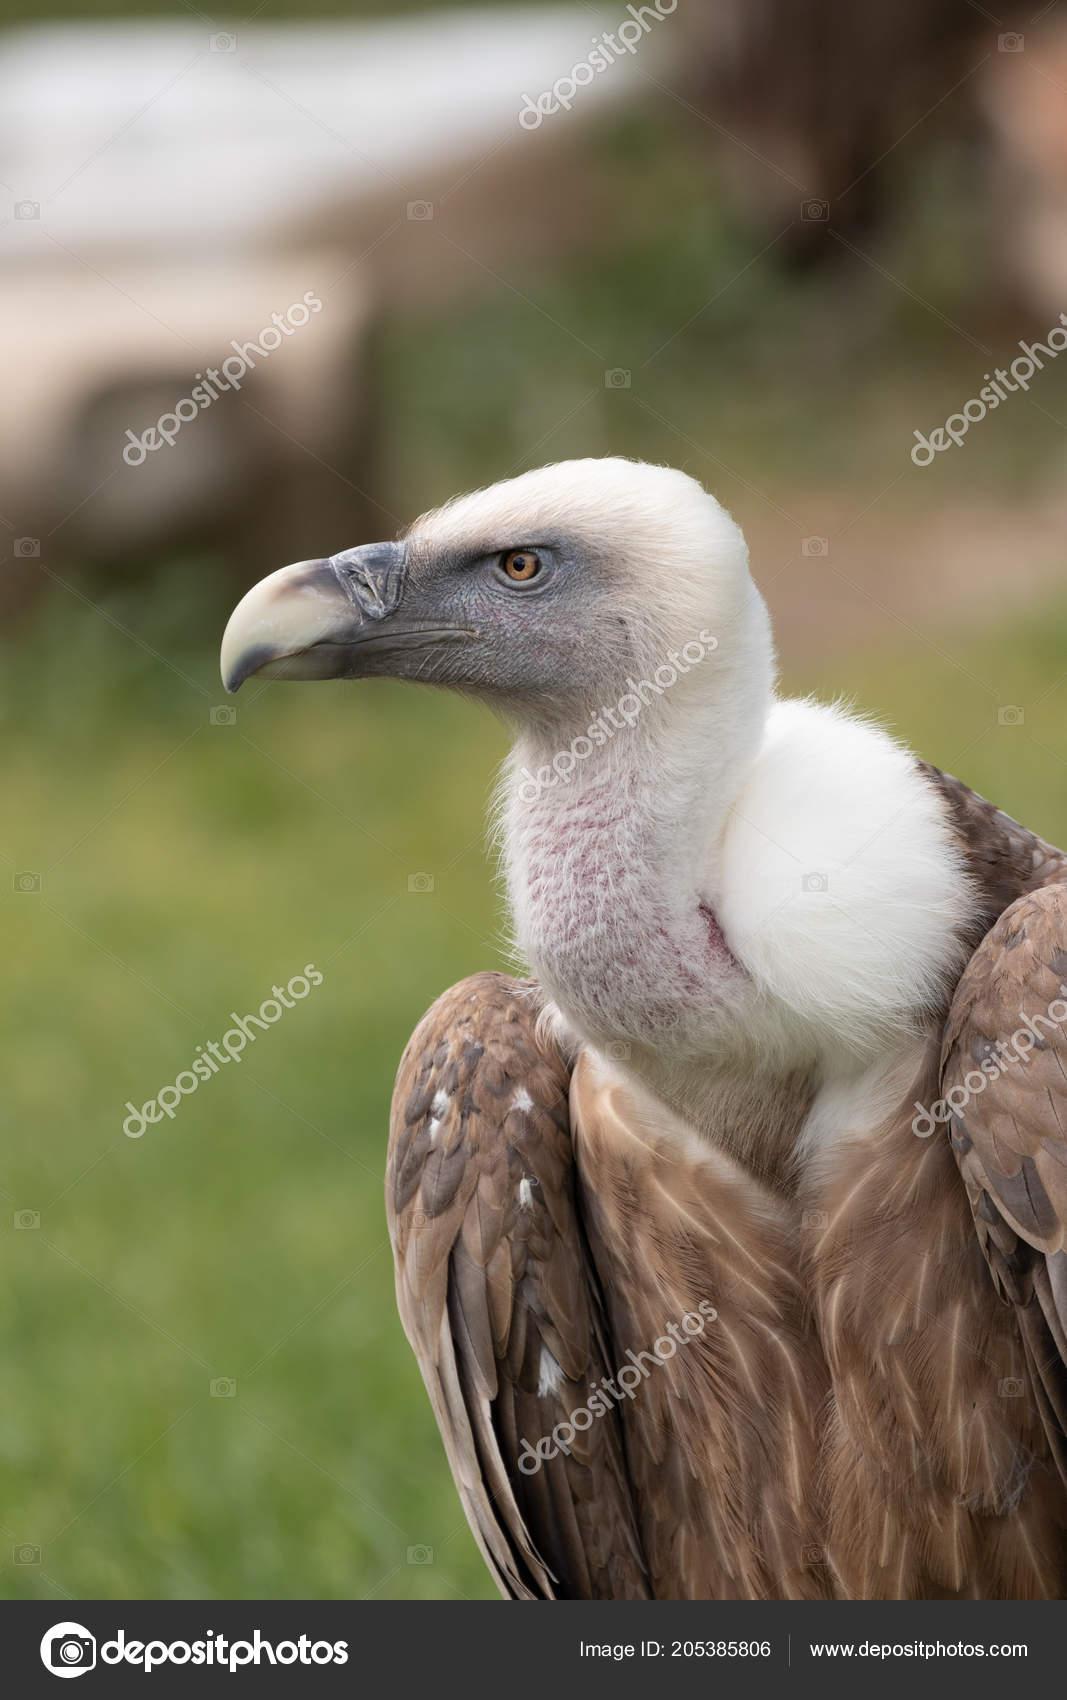 μεγάλο πουλί άνθρωπος σεξ